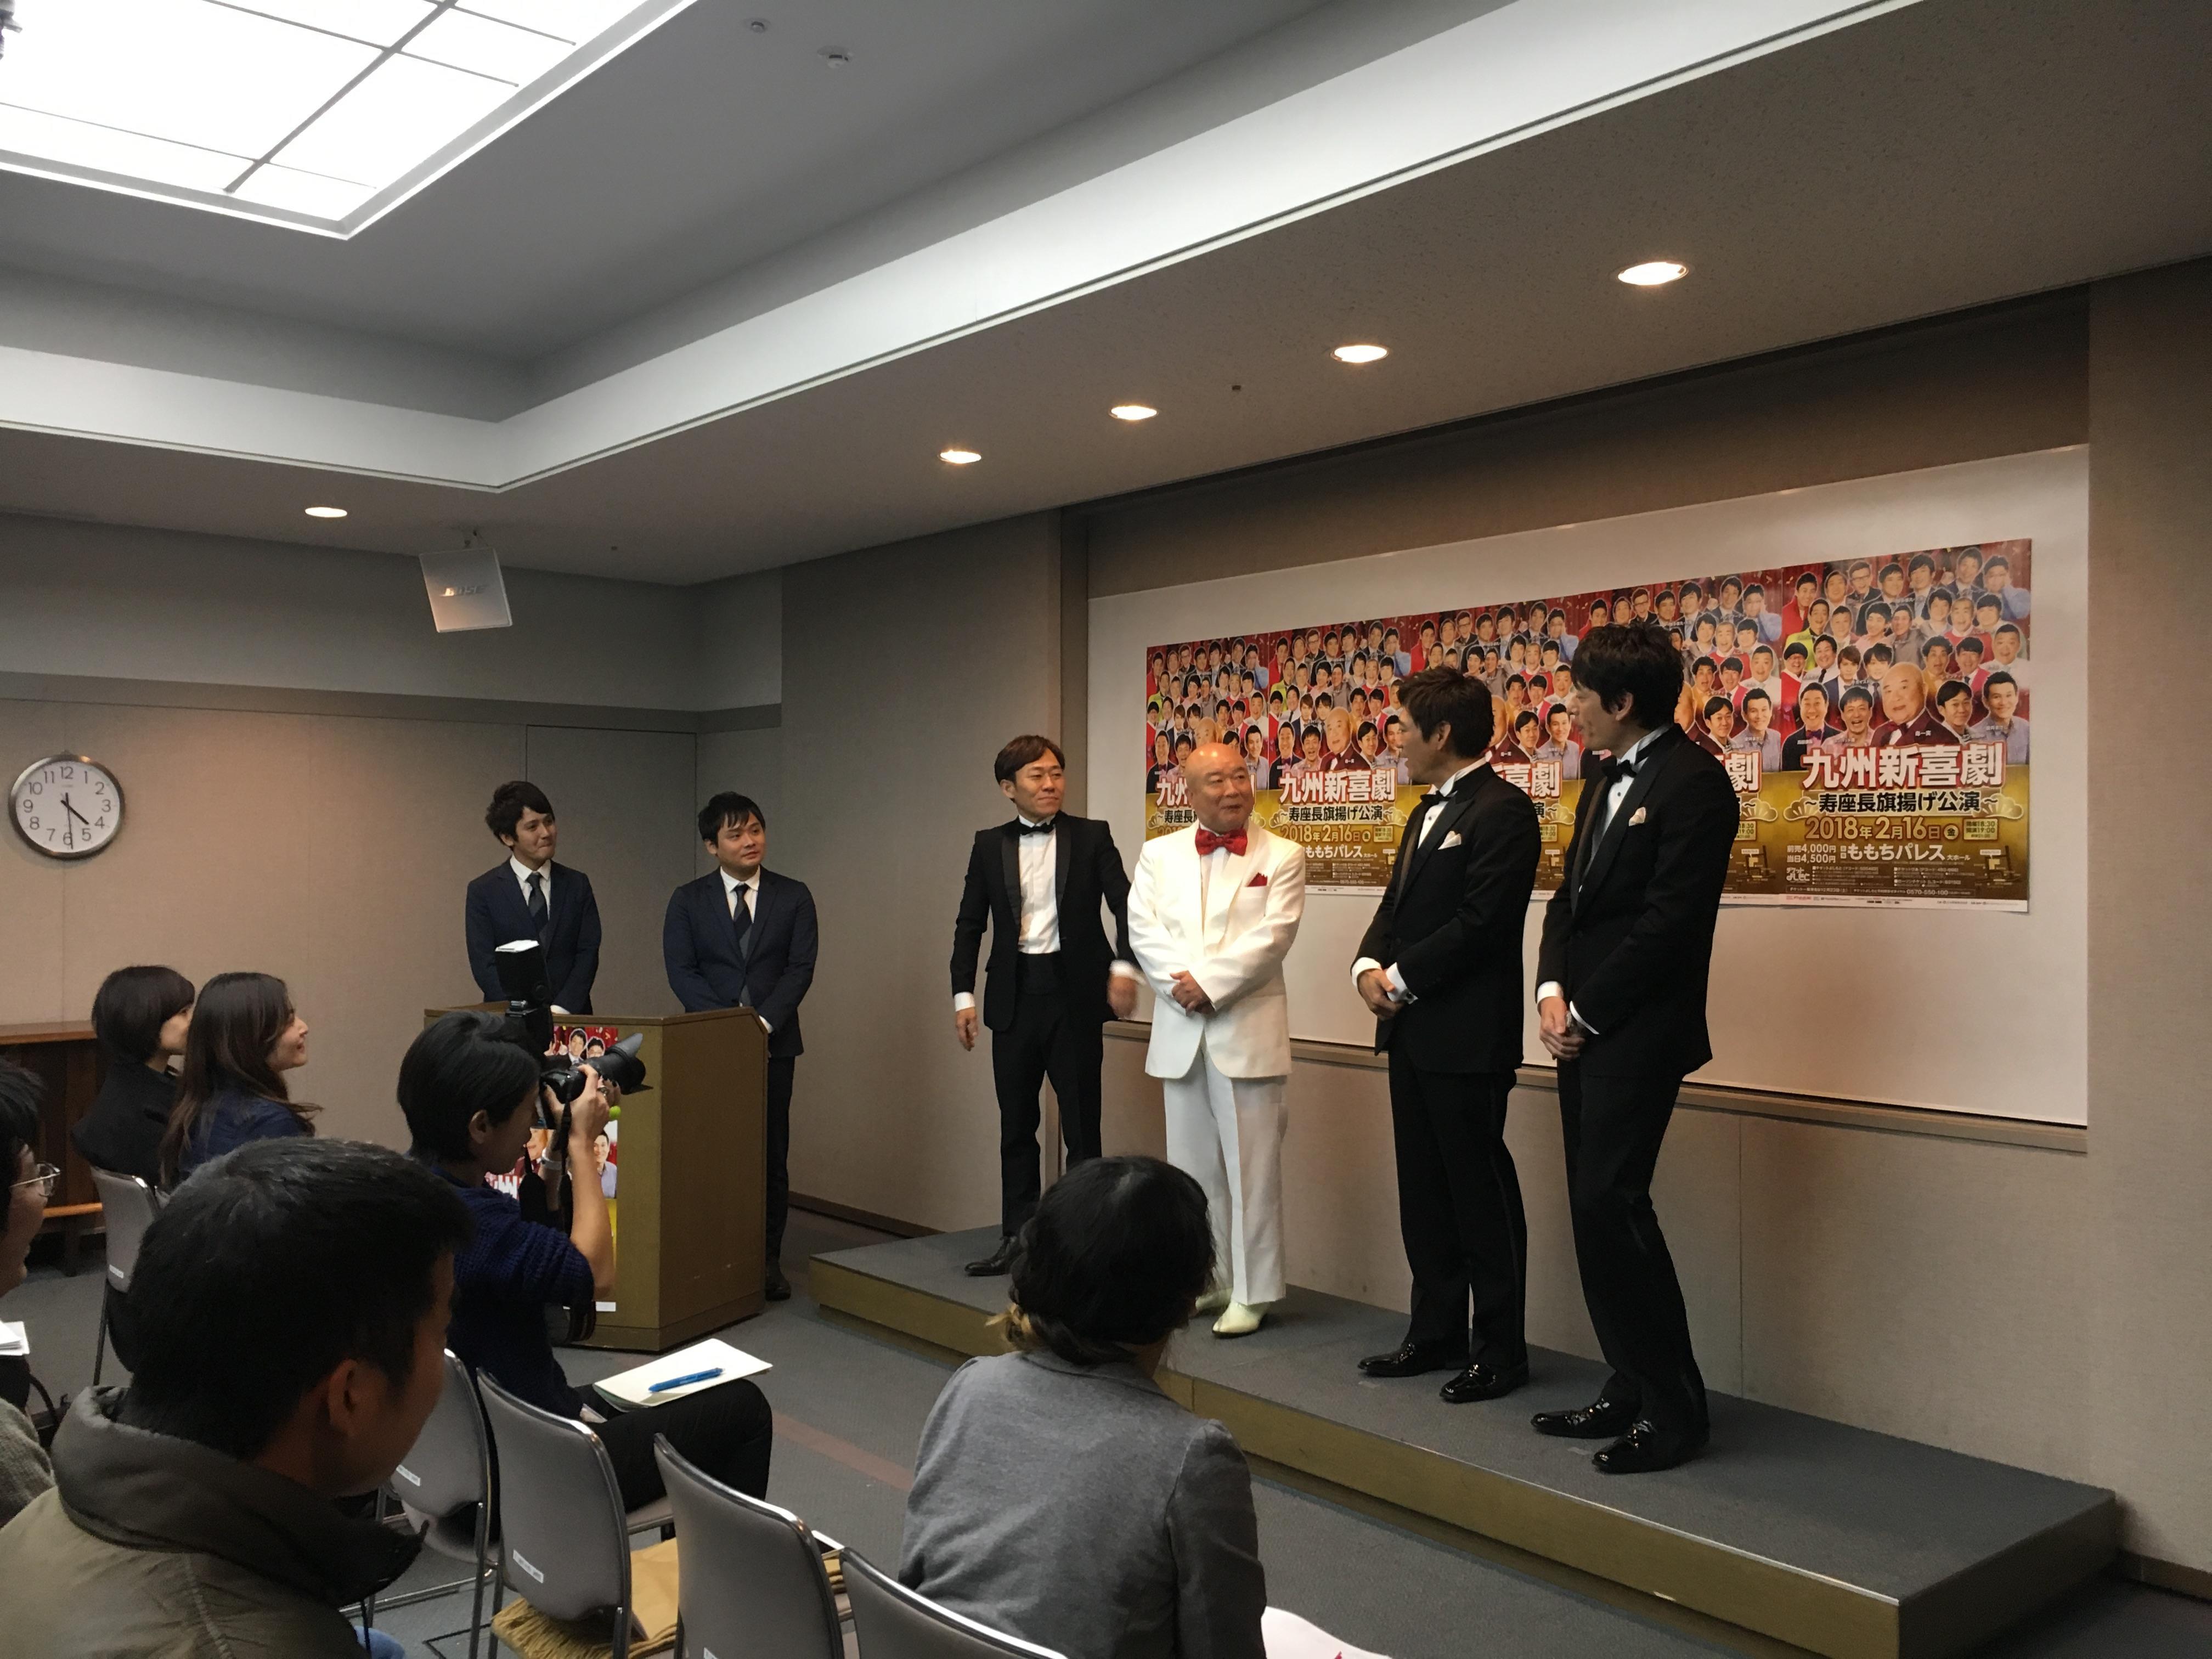 http://news.yoshimoto.co.jp/20171211103056-31d07ef30c8e3ec3100cde4e893cda7eec9650ee.jpg